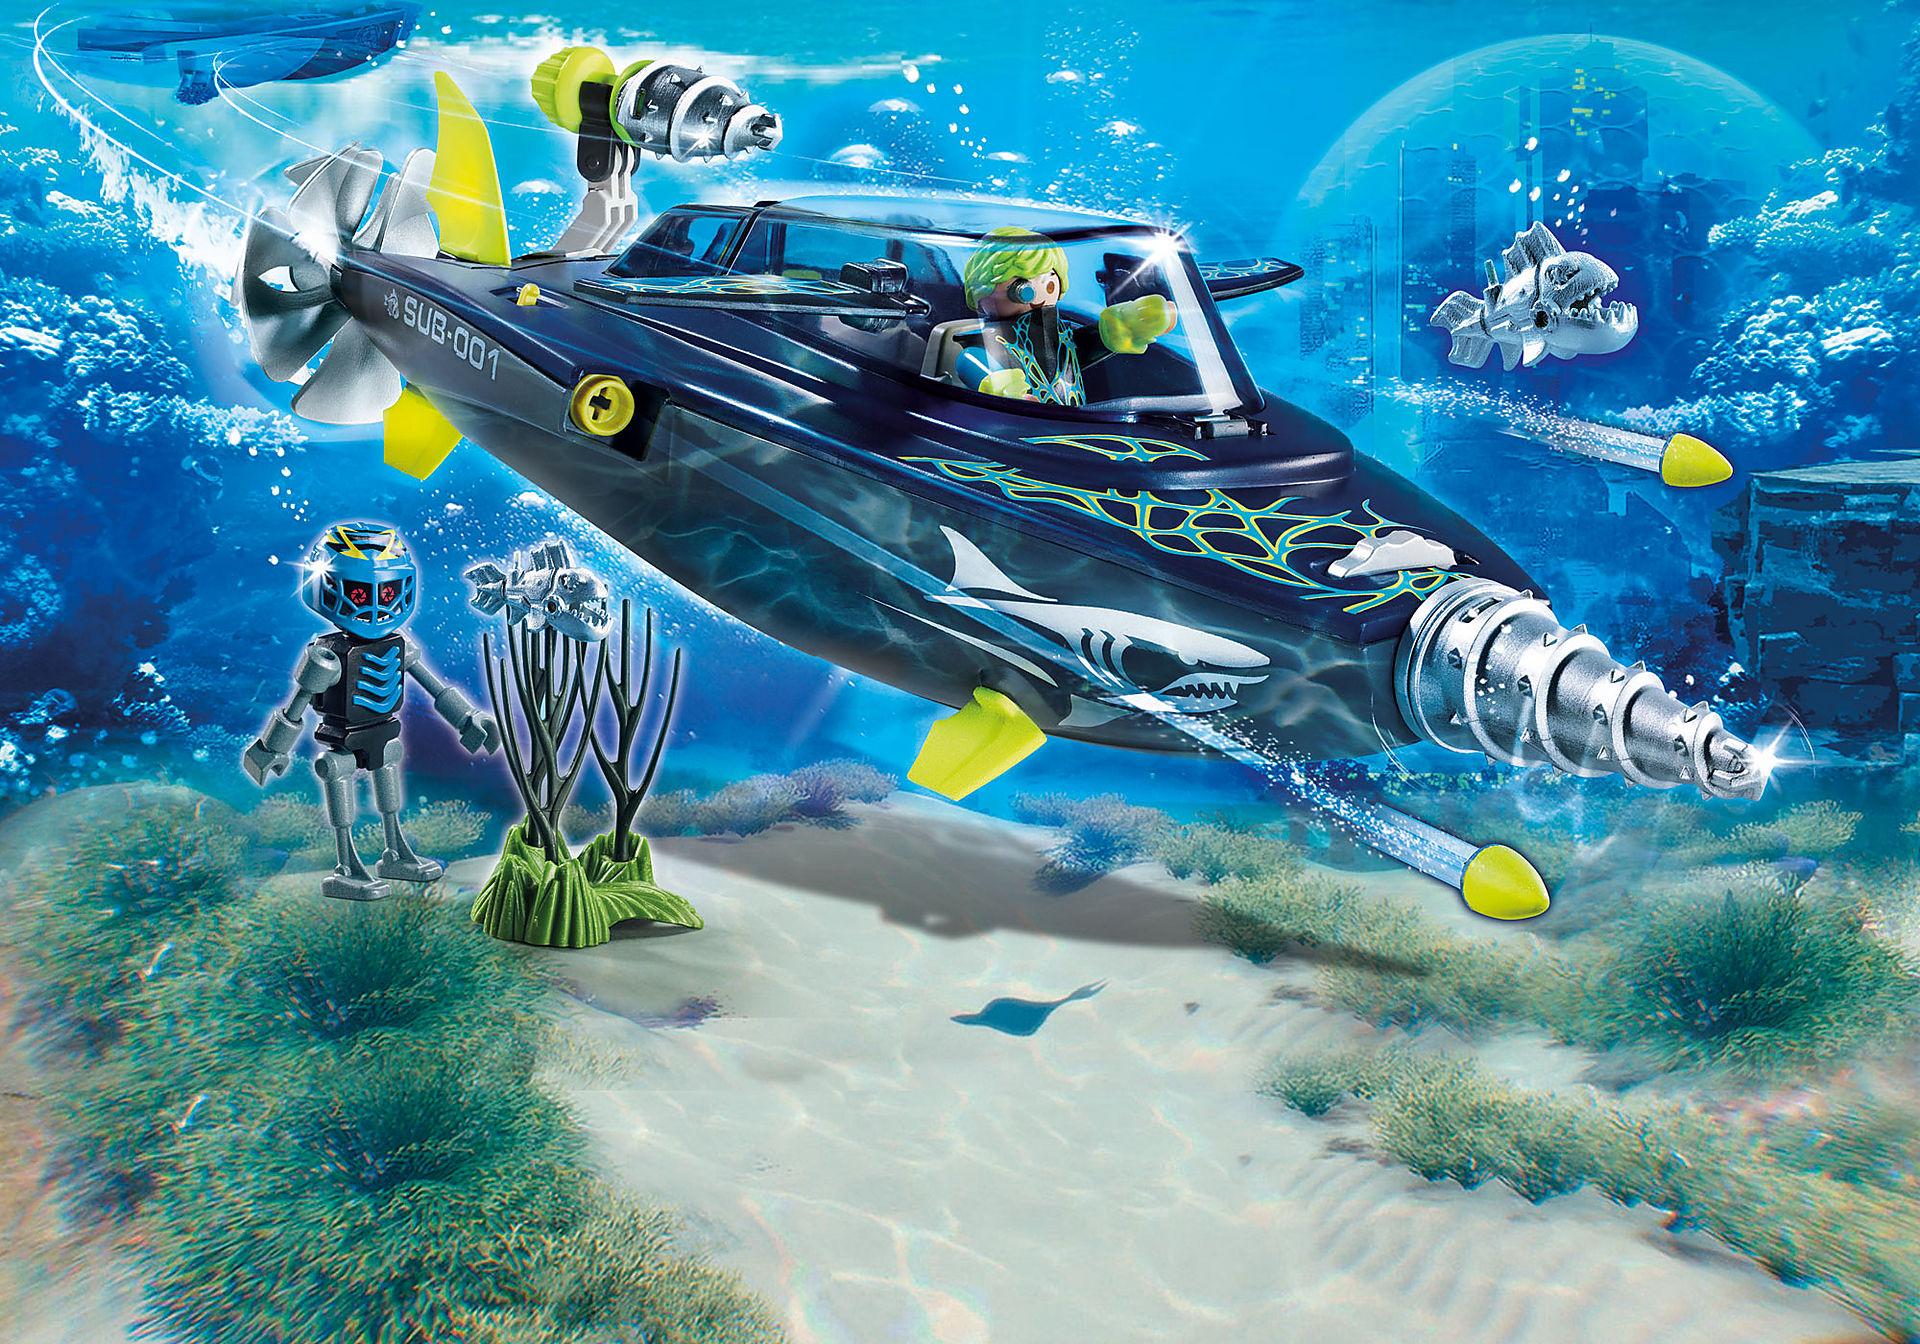 70005 TEAM S.H.A.R.K. Destruidor com Brocas zoom image1